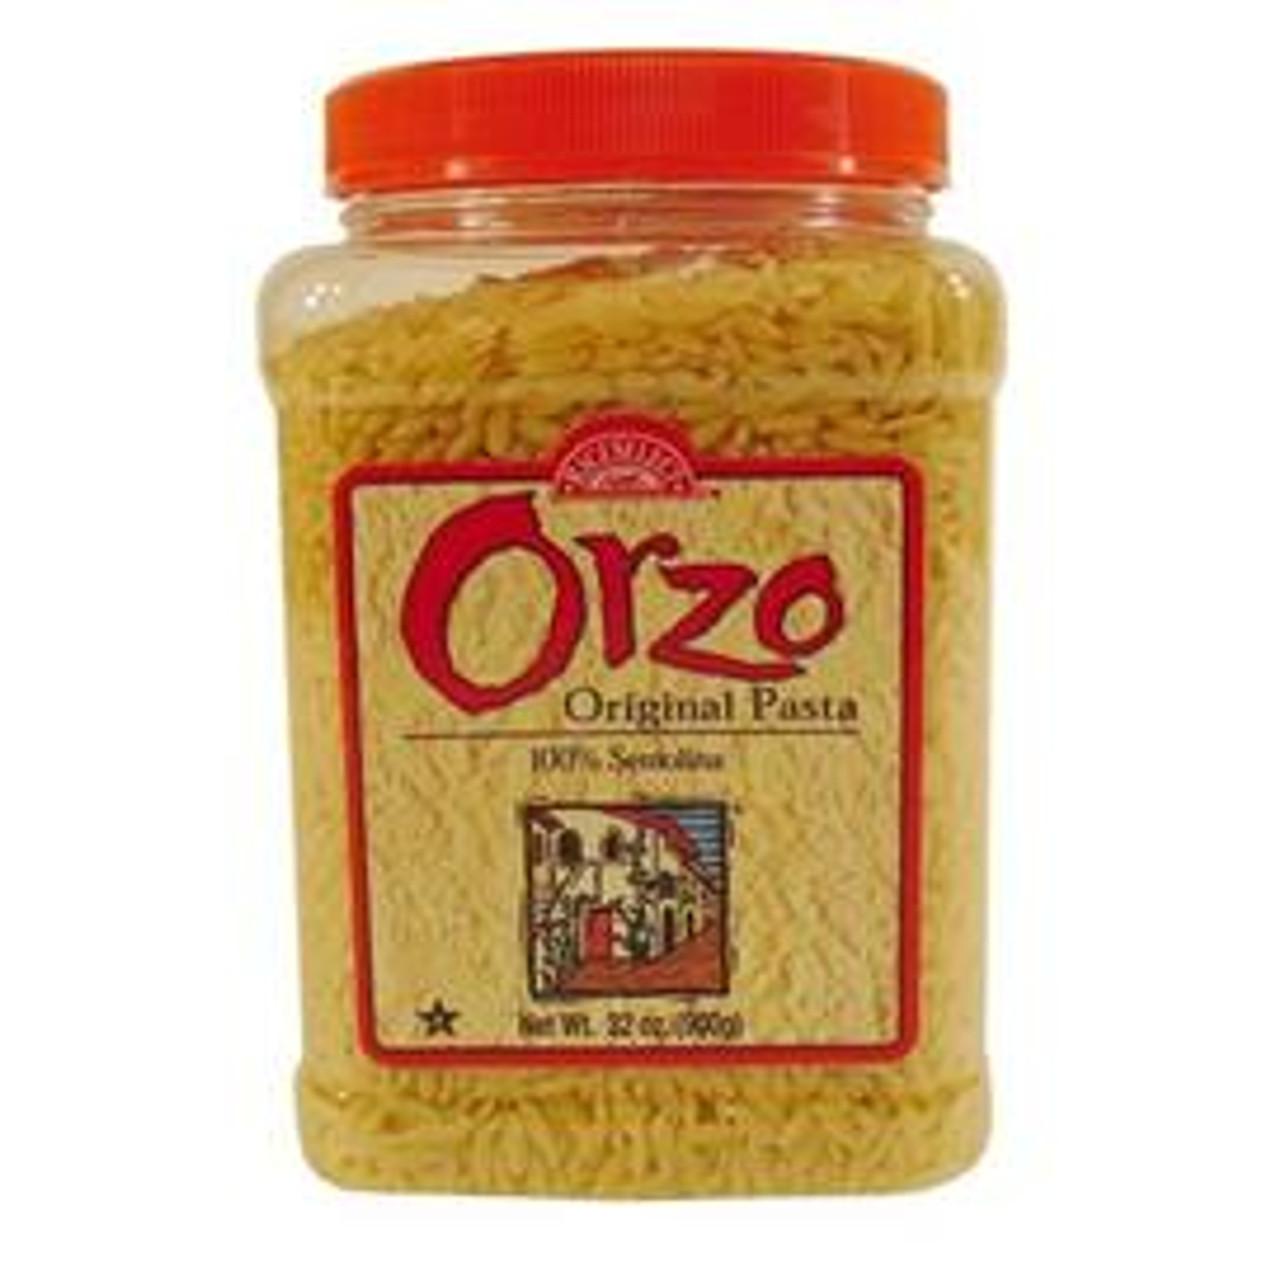 Original Orzo Pasta